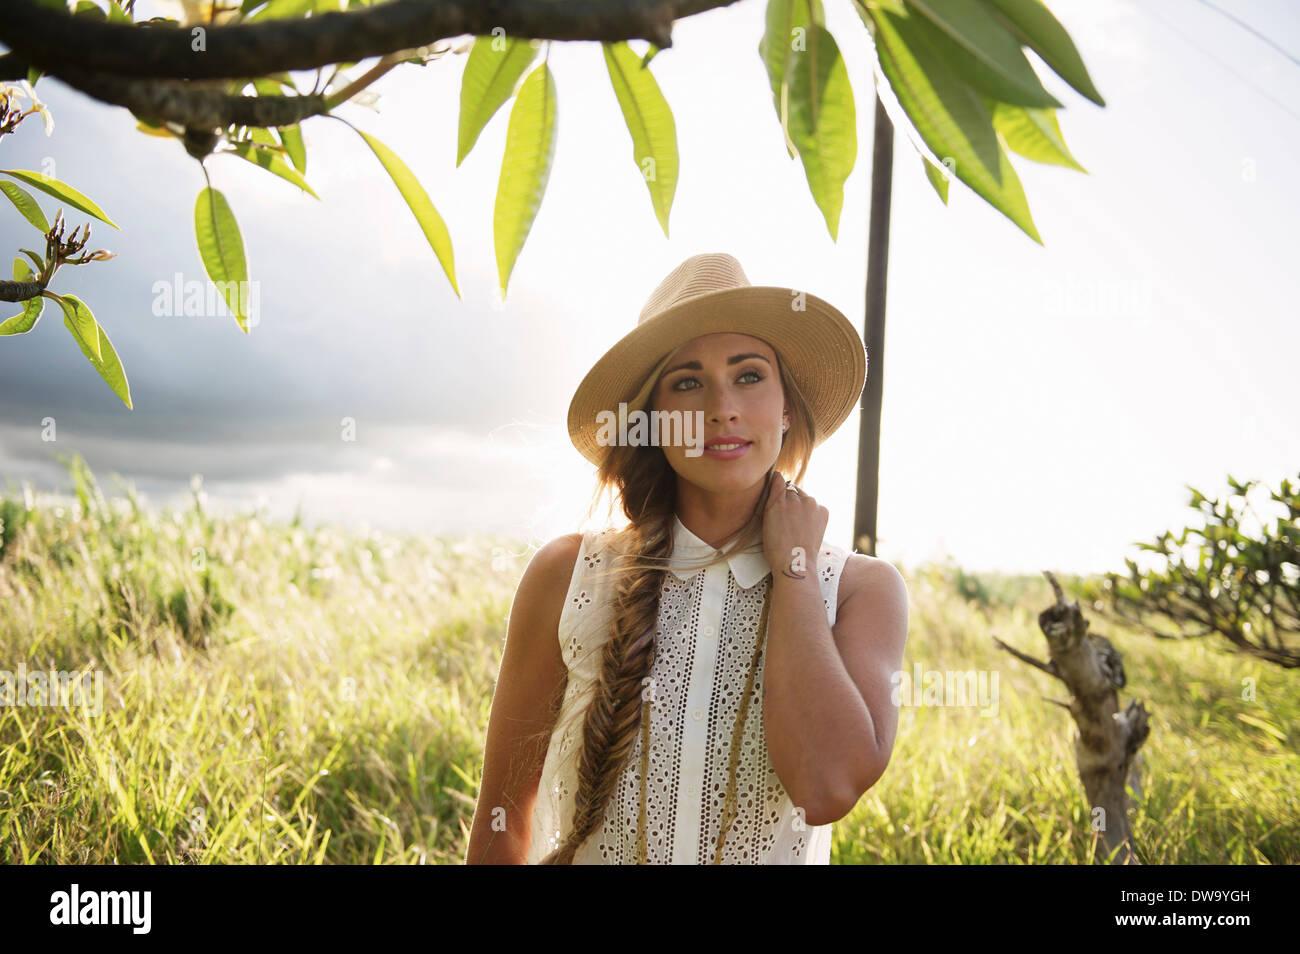 Mujer joven disfrutando de paisajes Imagen De Stock